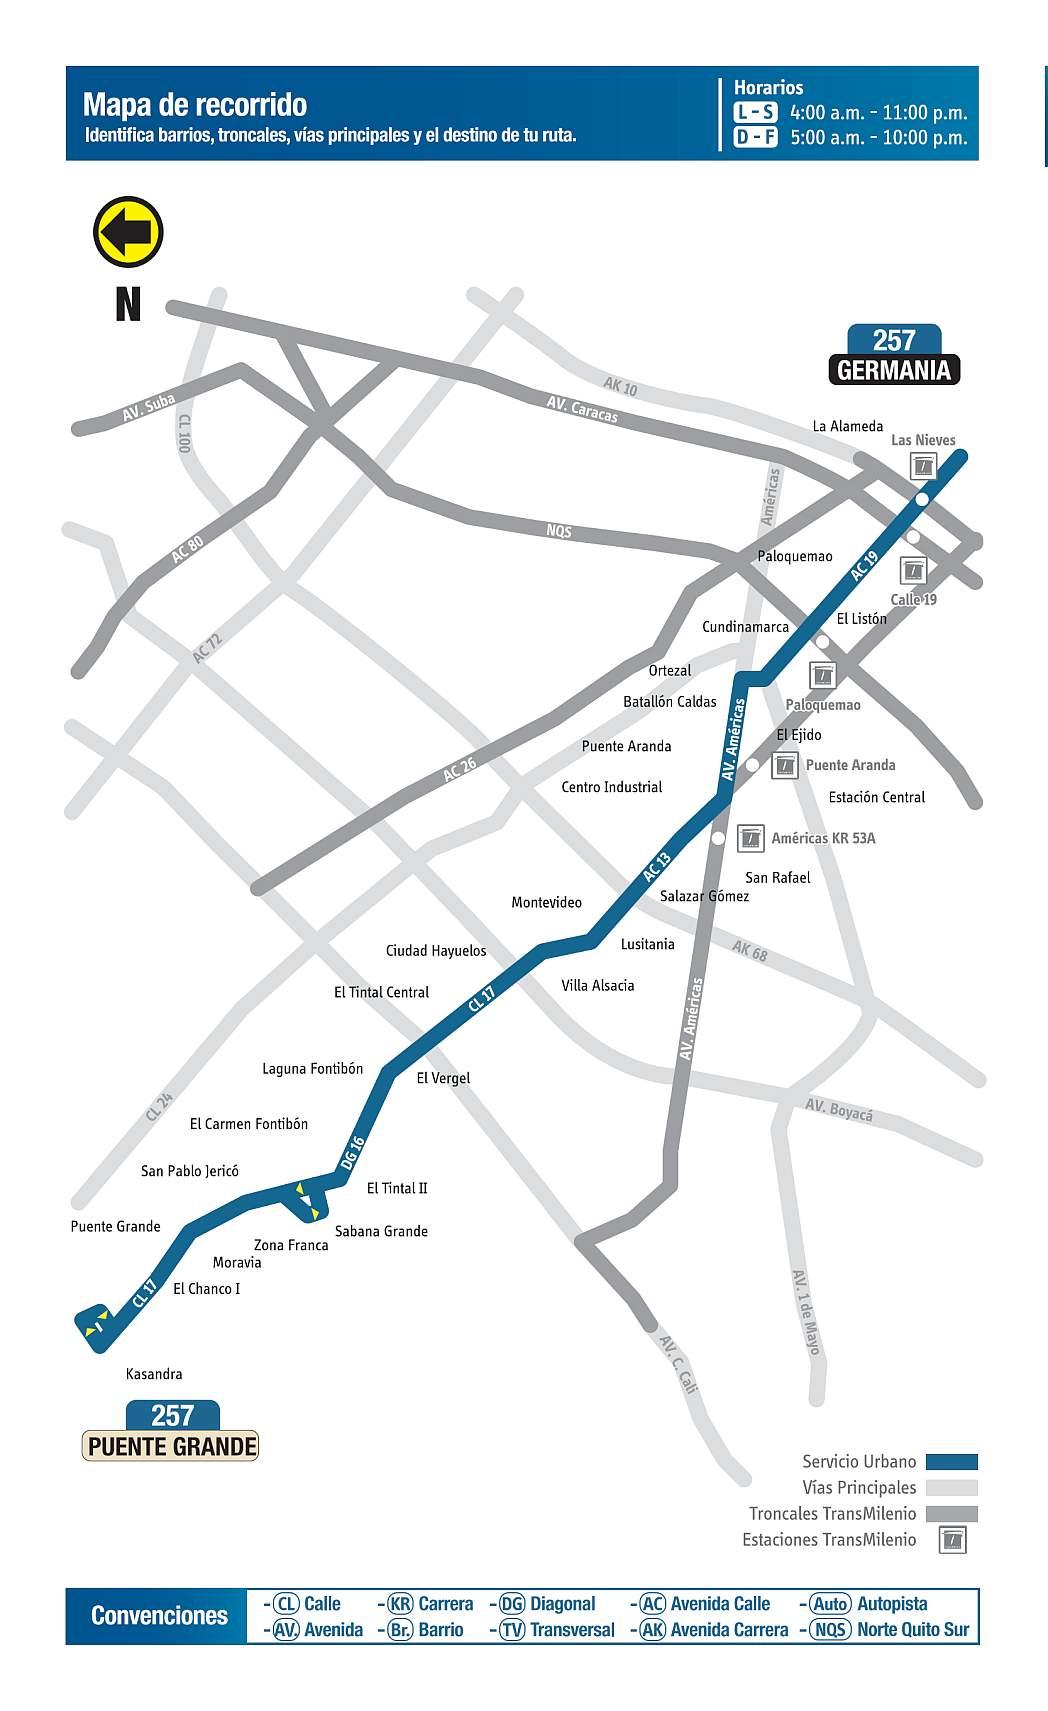 257 Germania - Puente Grande, mapa bus urbano Bogotá